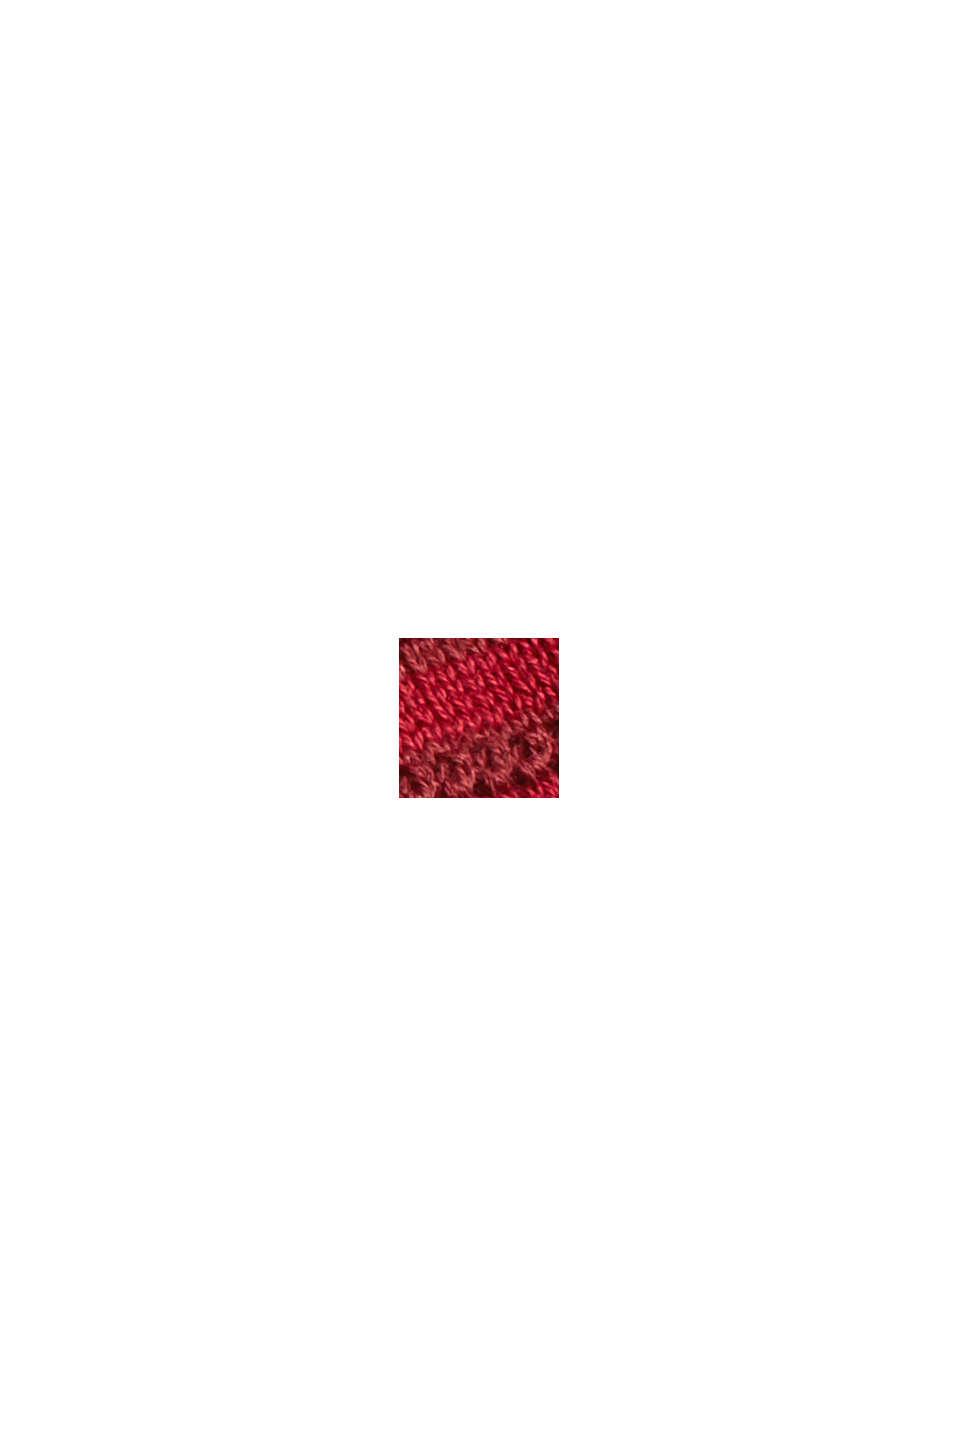 Trui met strepenstructuur, biologisch katoen, DARK RED, swatch